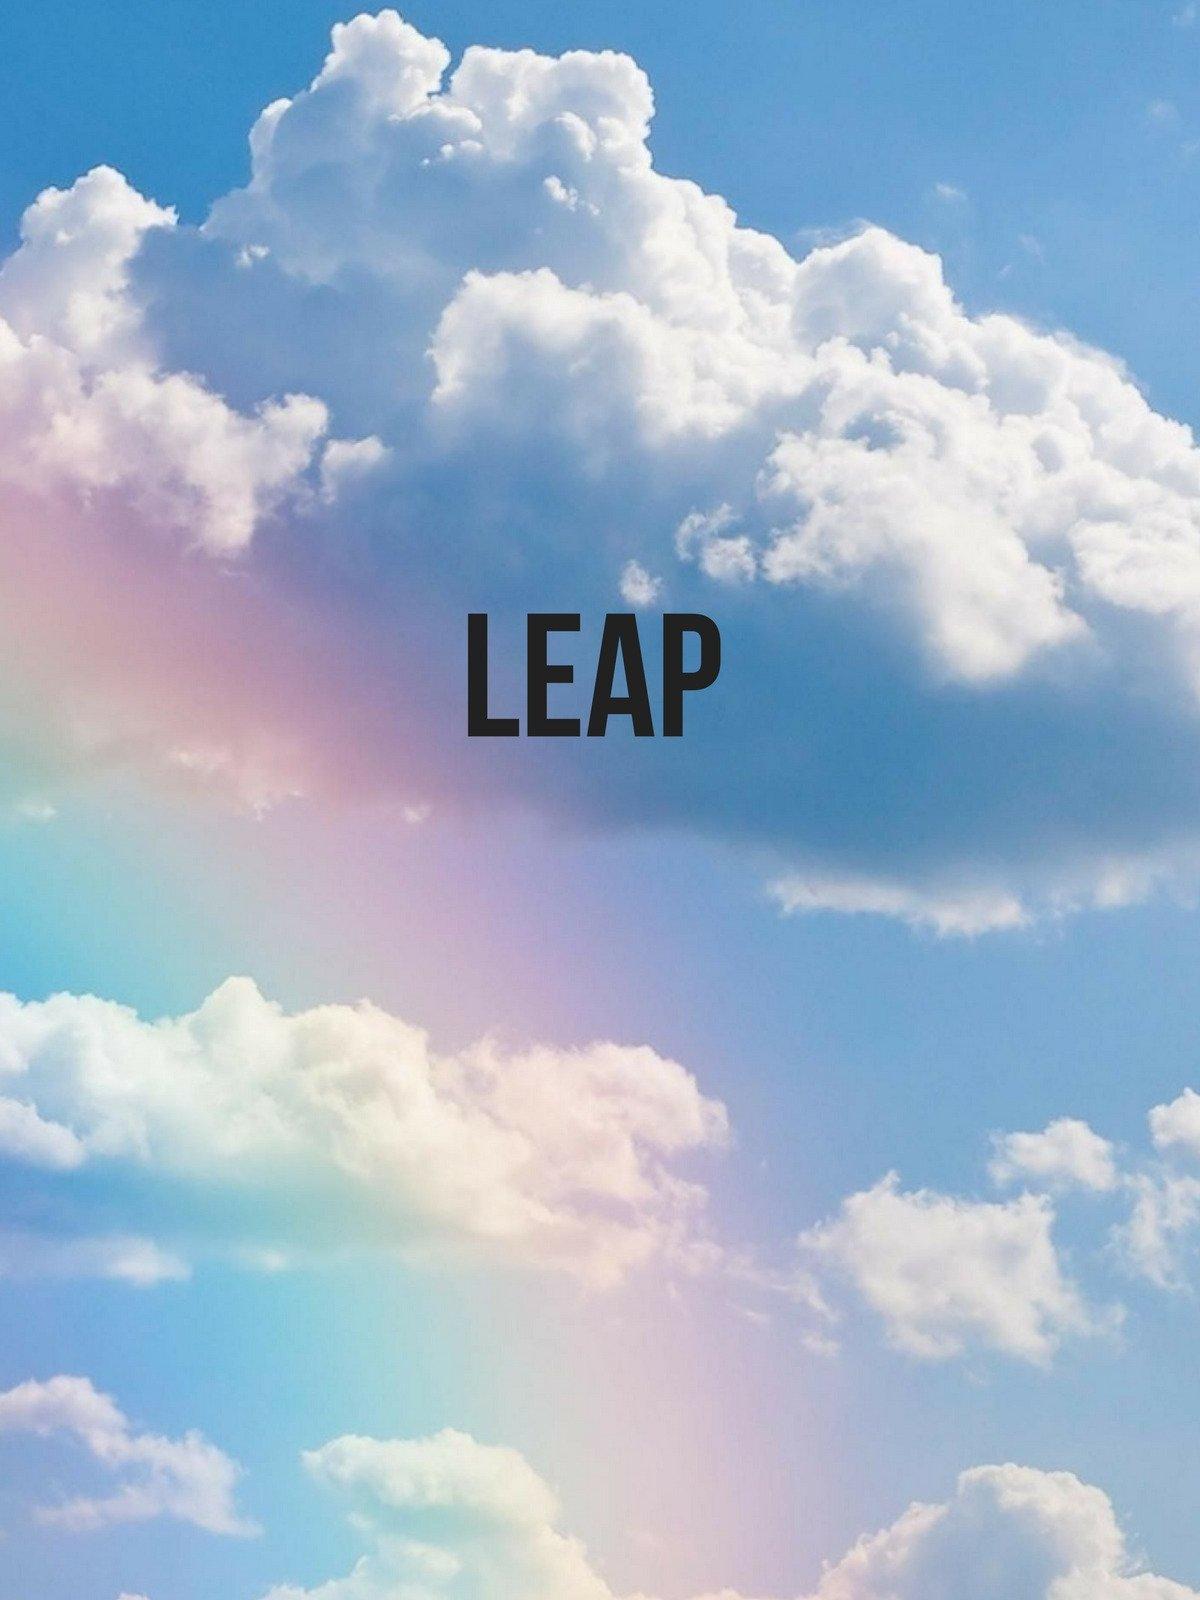 Clip: Leap